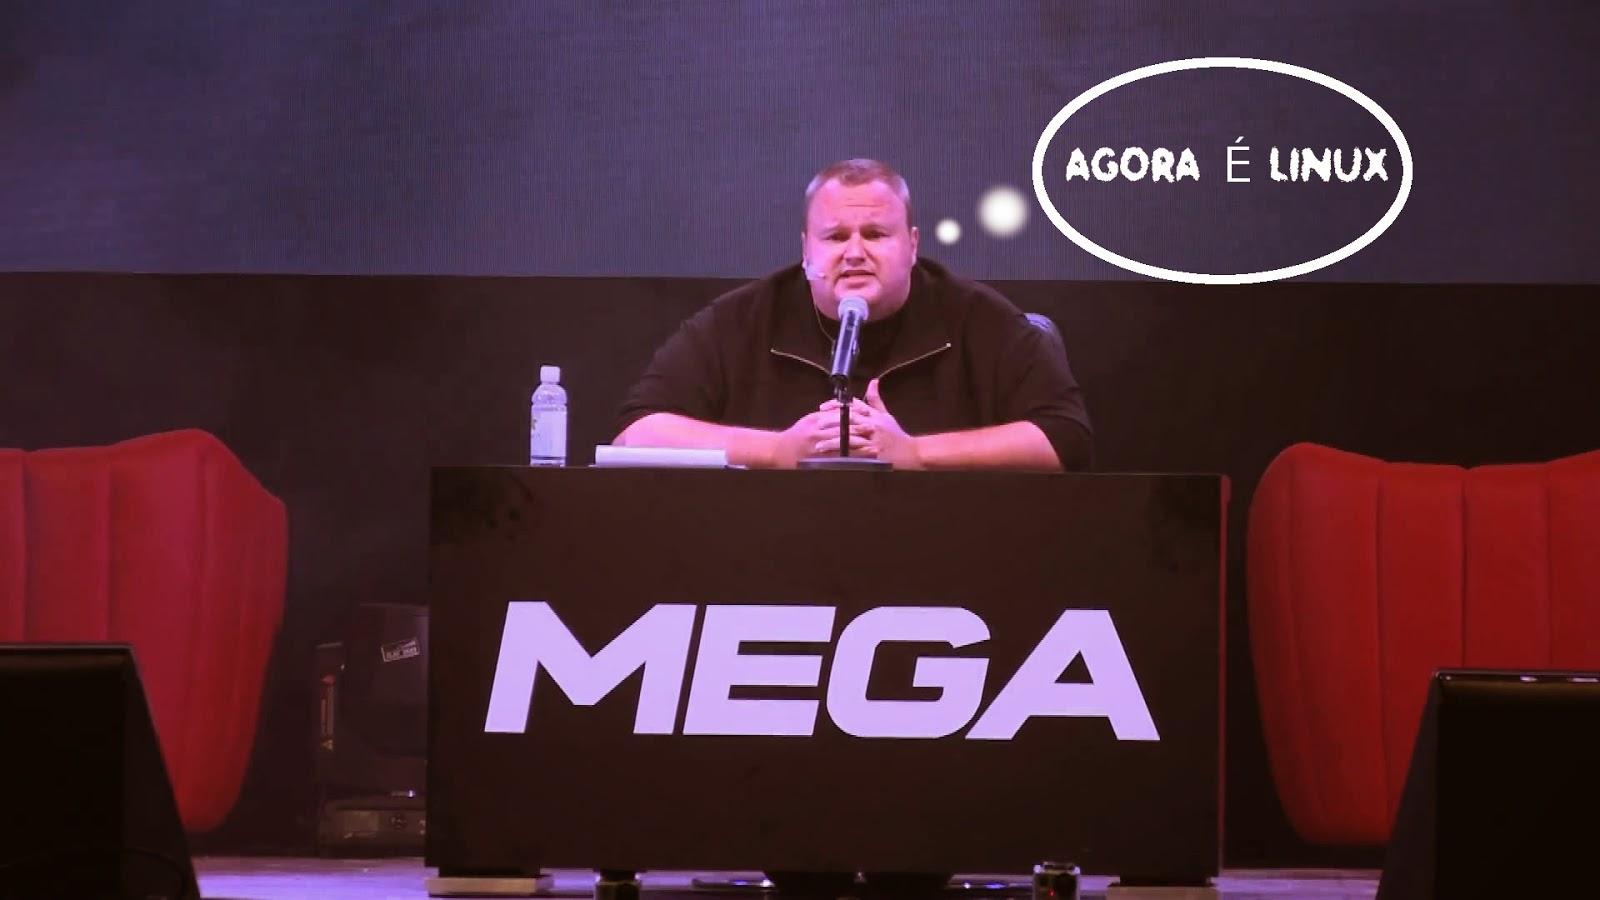 Veja como instalar o MEGA no Linux